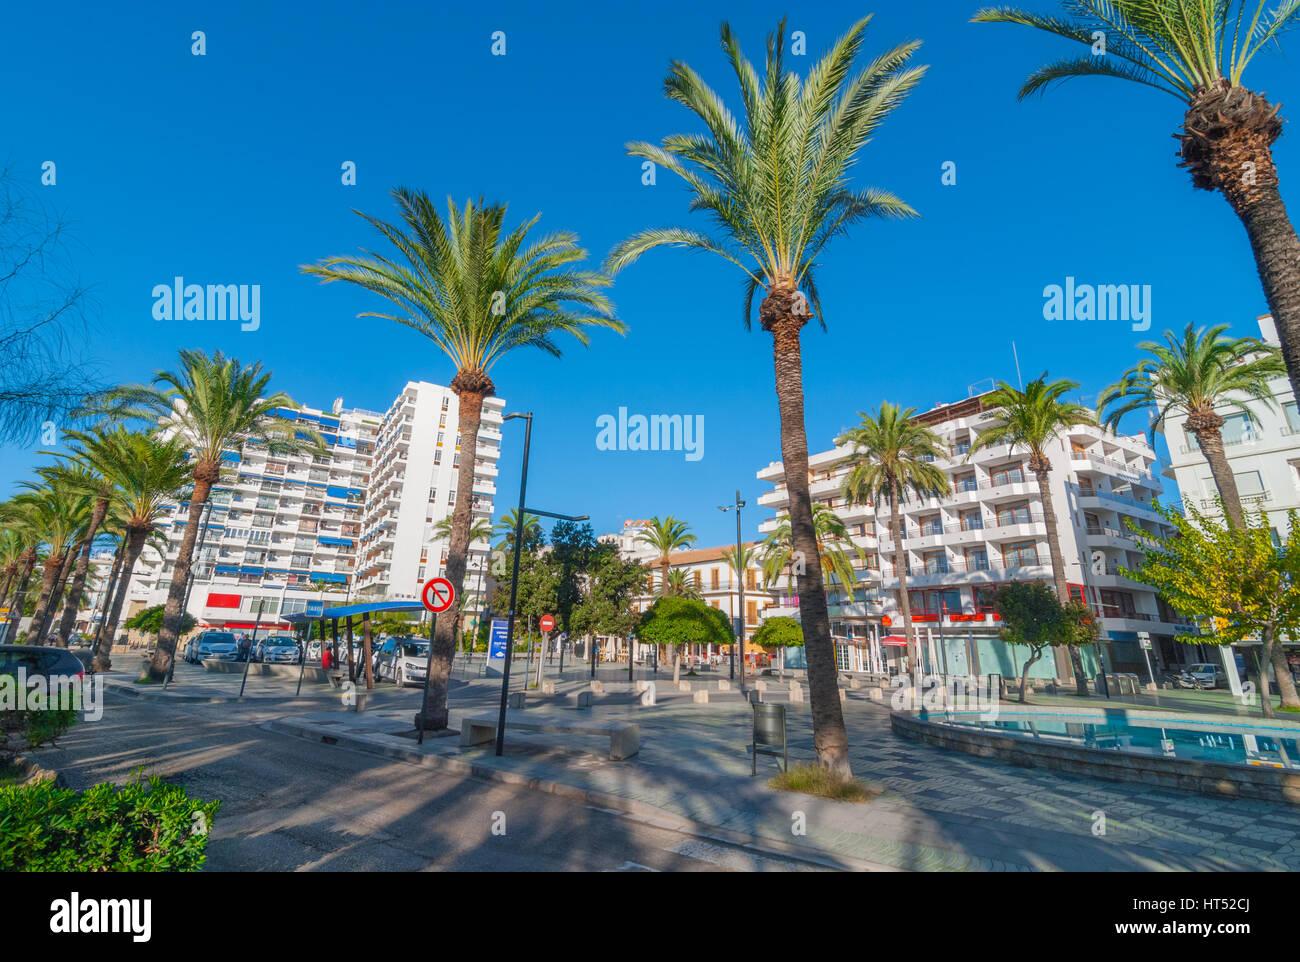 Sant Antoni de Portmany, Ibiza, Novembre 6th, 2013: Turismo in Spagna. La gente in attesa in corrispondenza di una Immagini Stock